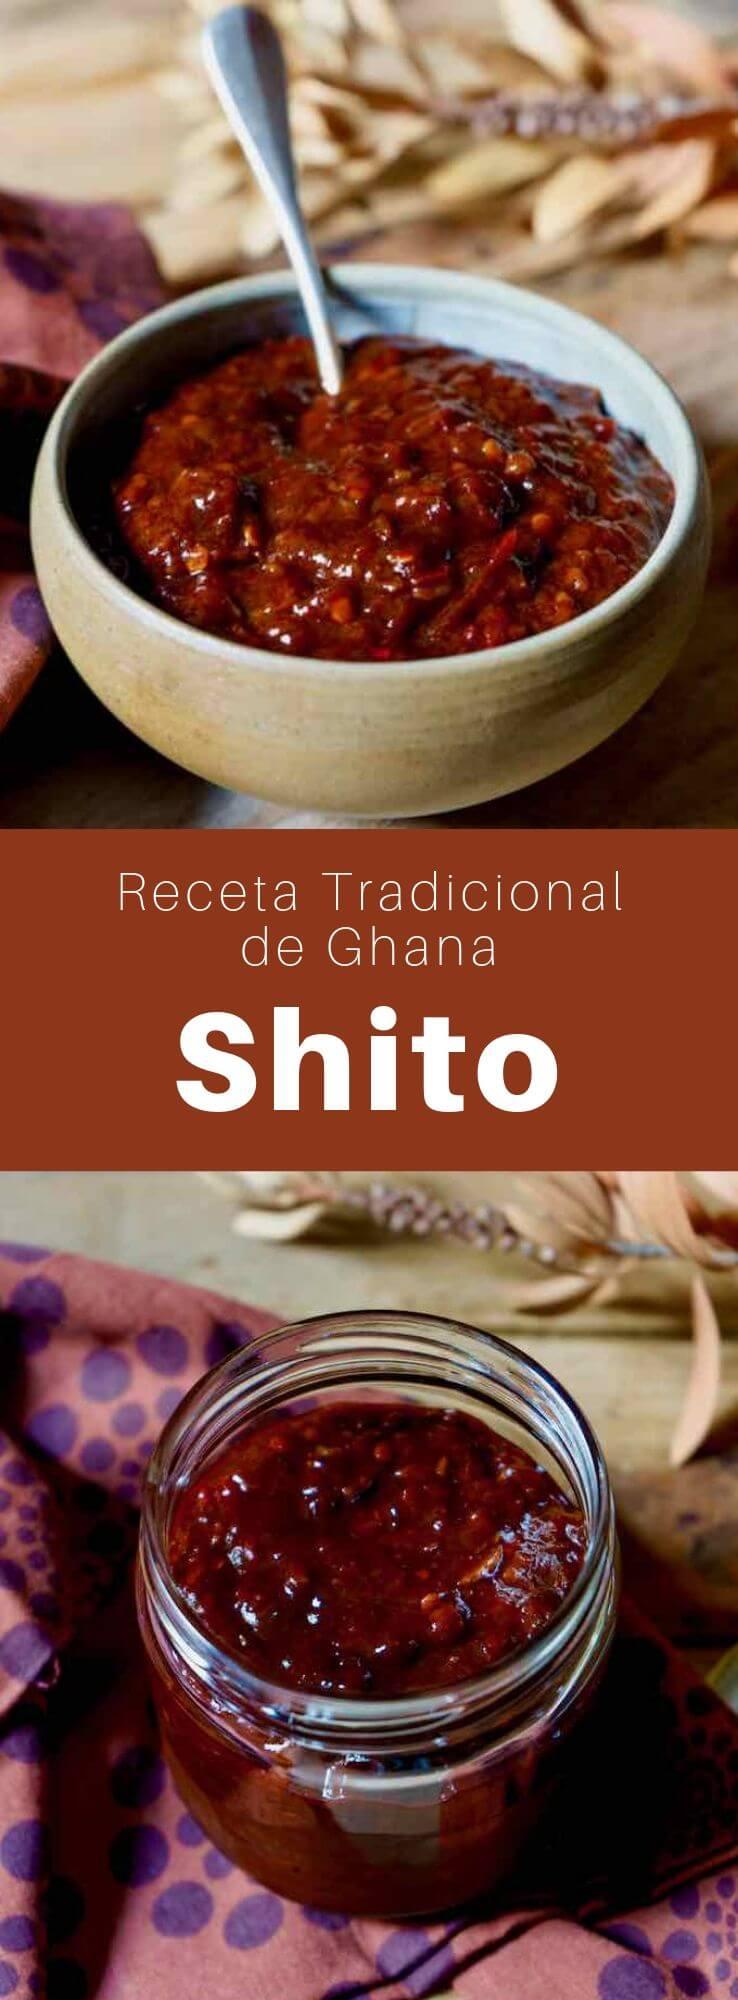 El shito es una salsa ghanesa tradicional muy picante. Se prepara con pimientos y acompaña muchos platos, especialmente de pescado.